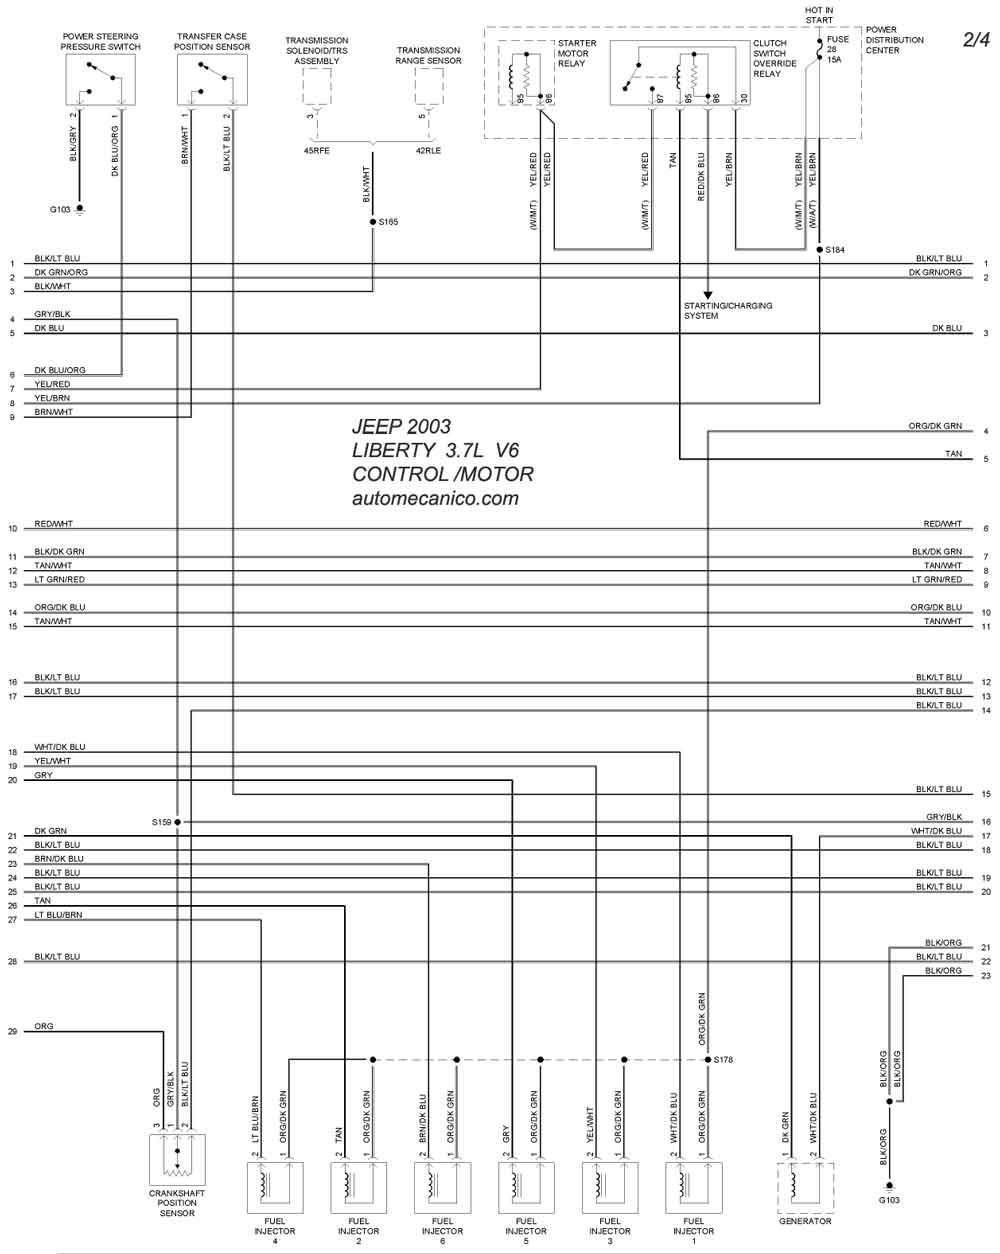 Diagrama Delmotor De Liverti 3.7 Jeep Kj 2003 Jeep 2005 Diagramas – Esquemas – Graphics Vehiculos – Motores … Of Diagrama Delmotor De Liverti 3.7 Jeep Kj 2003